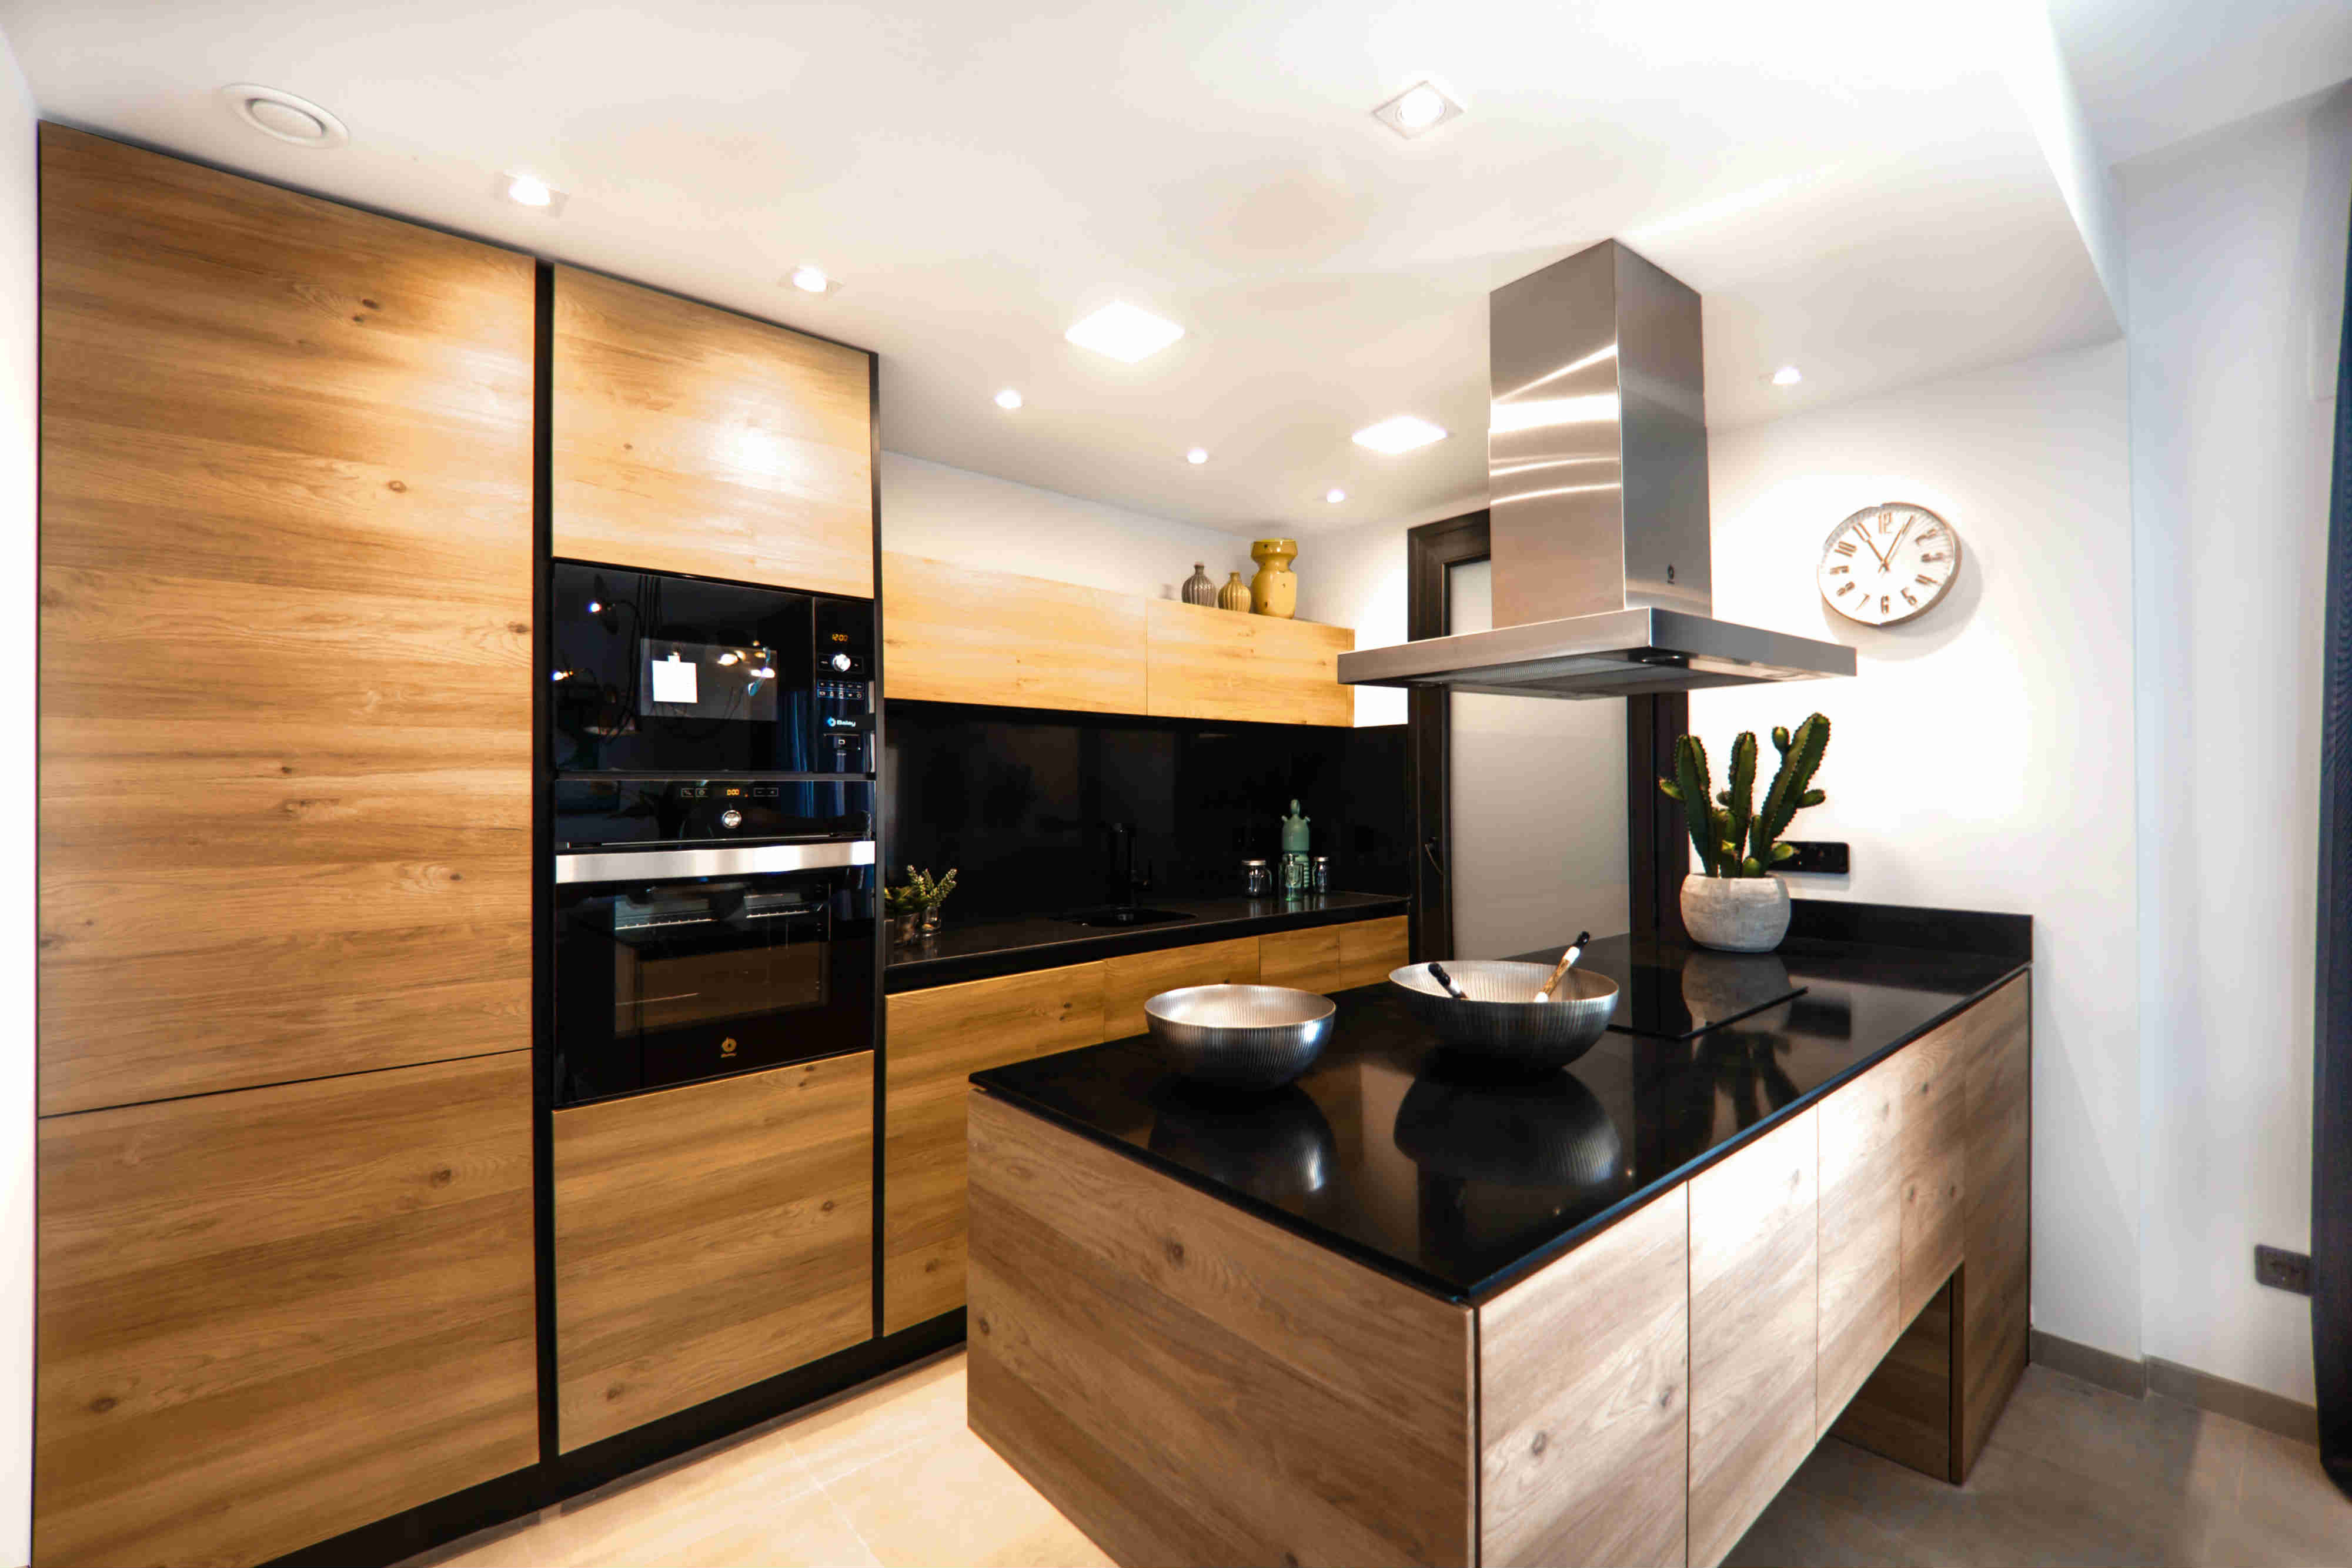 Kuchyně-LED_osvětlení_digestoř